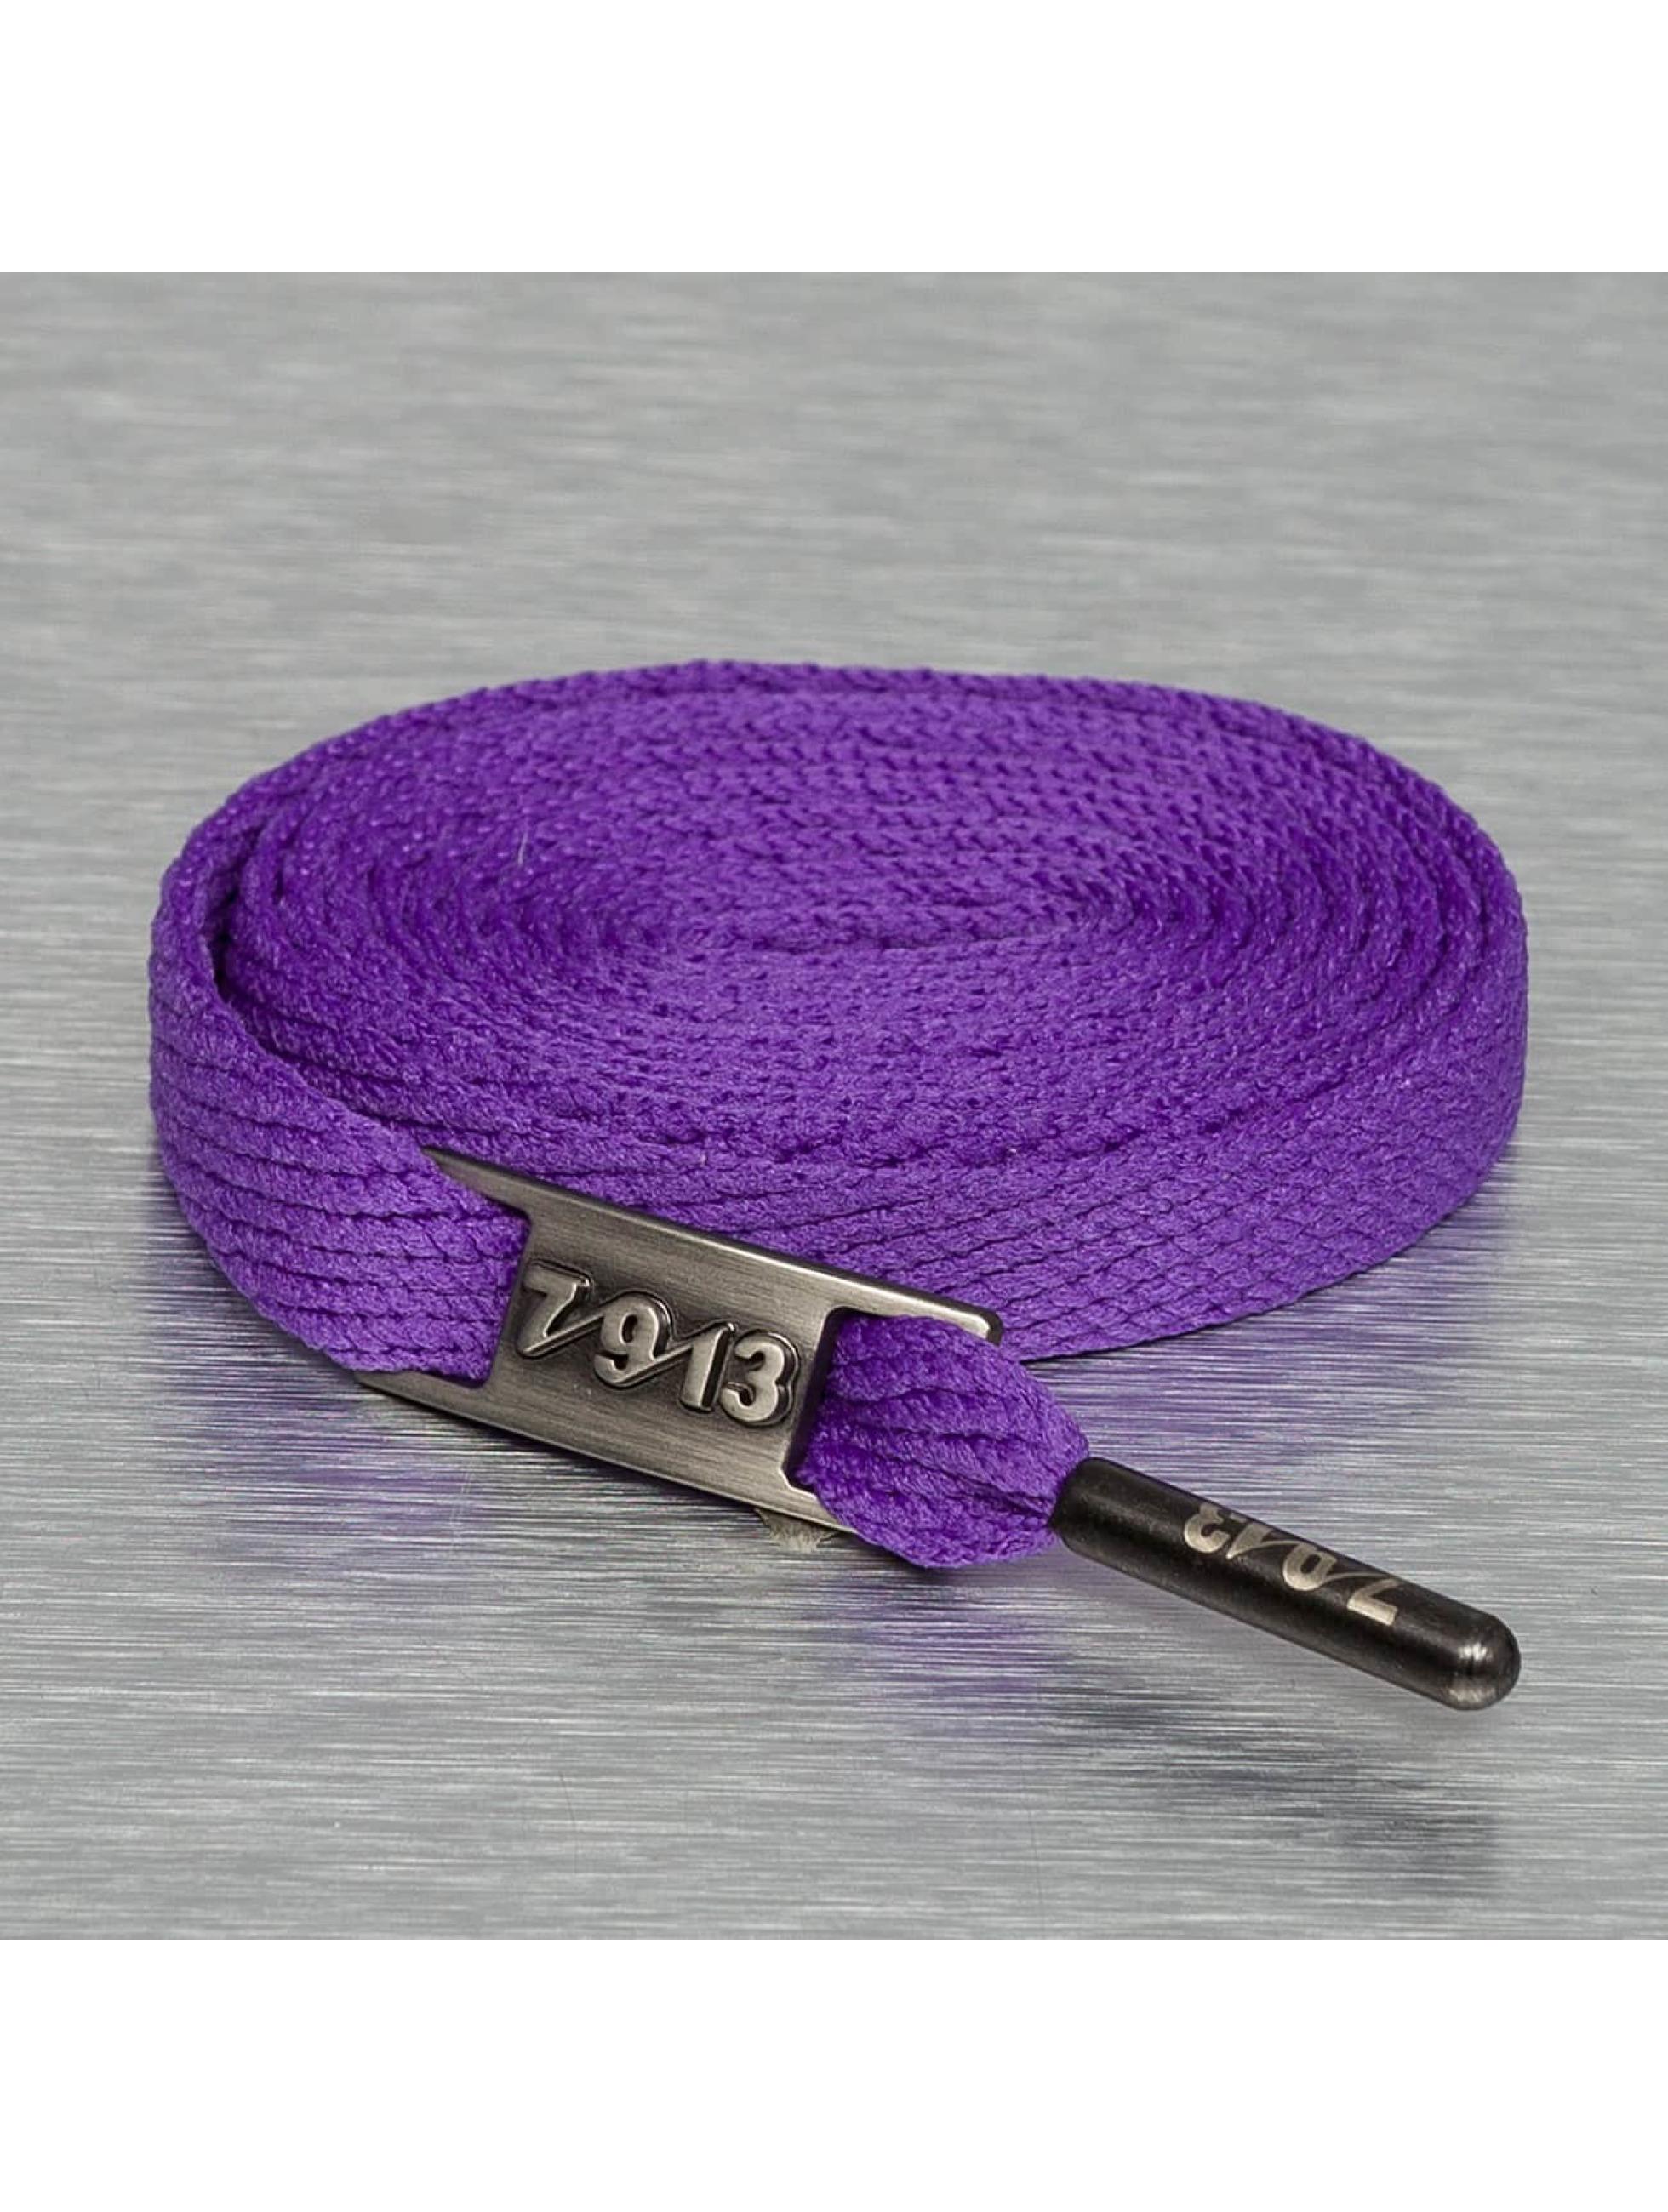 Seven Nine 13 Shoe accessorie Full Metal purple